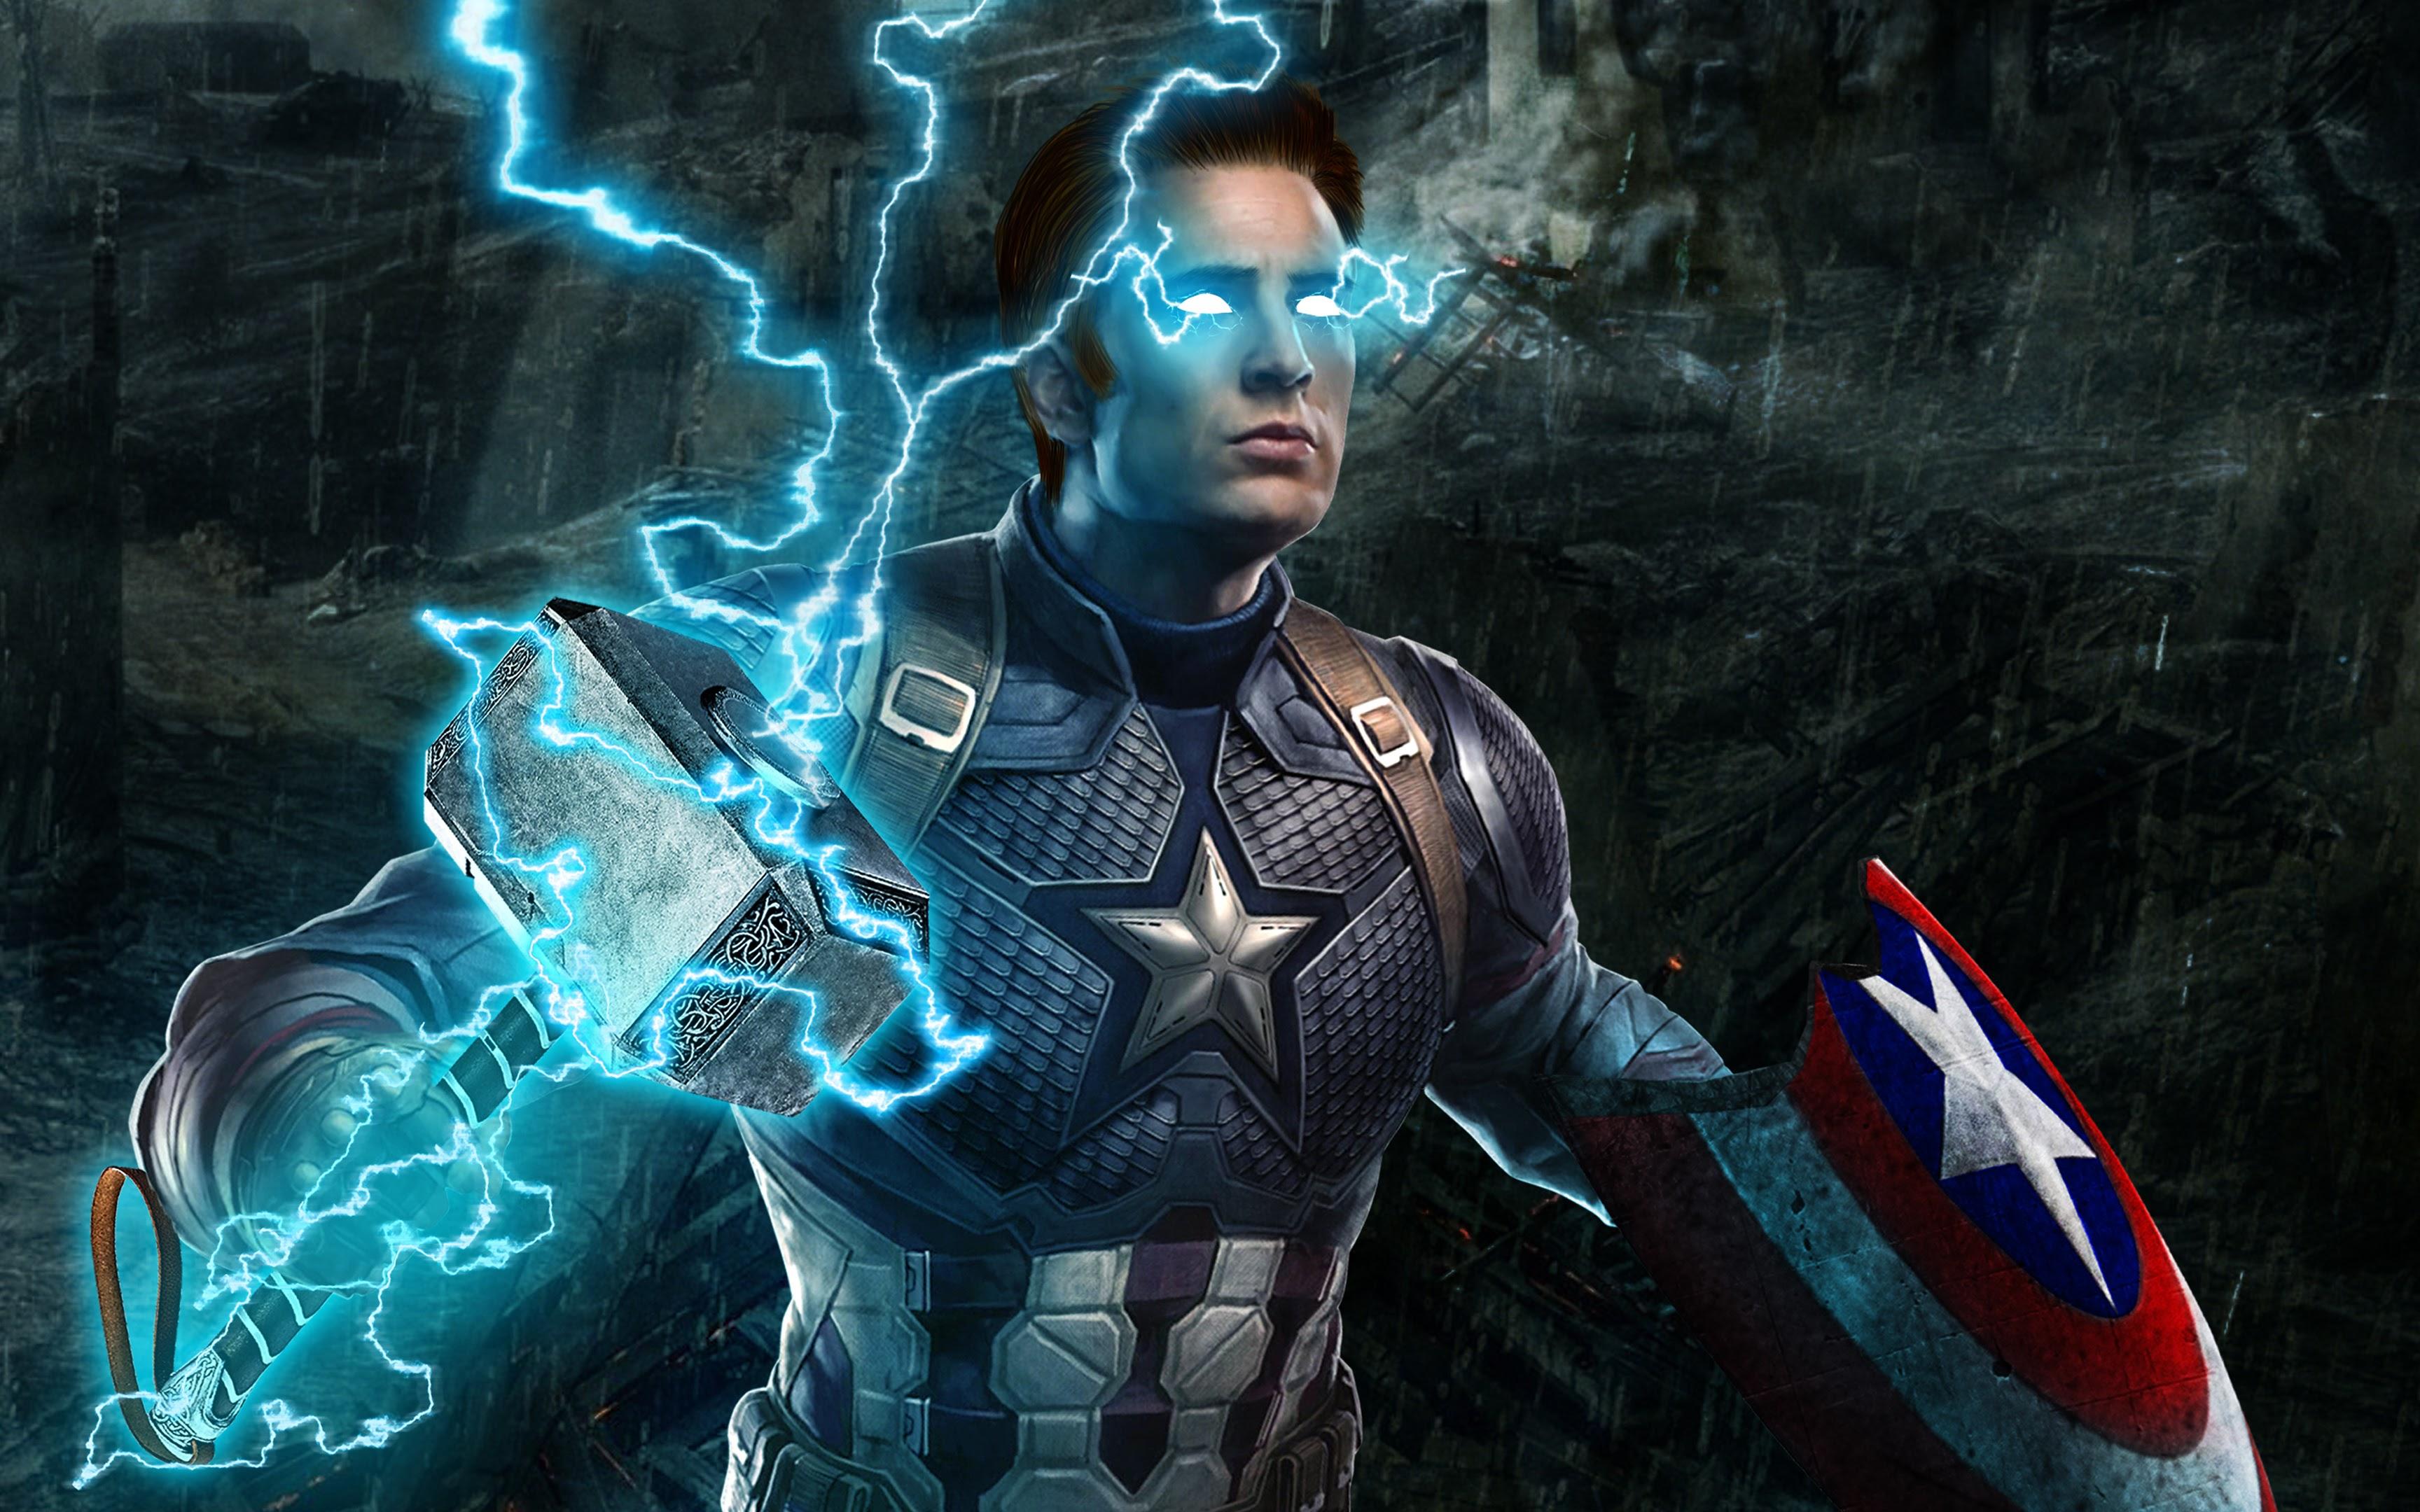 Avengers: Endgame, Captain America, Thor Hammer, Lightning ...